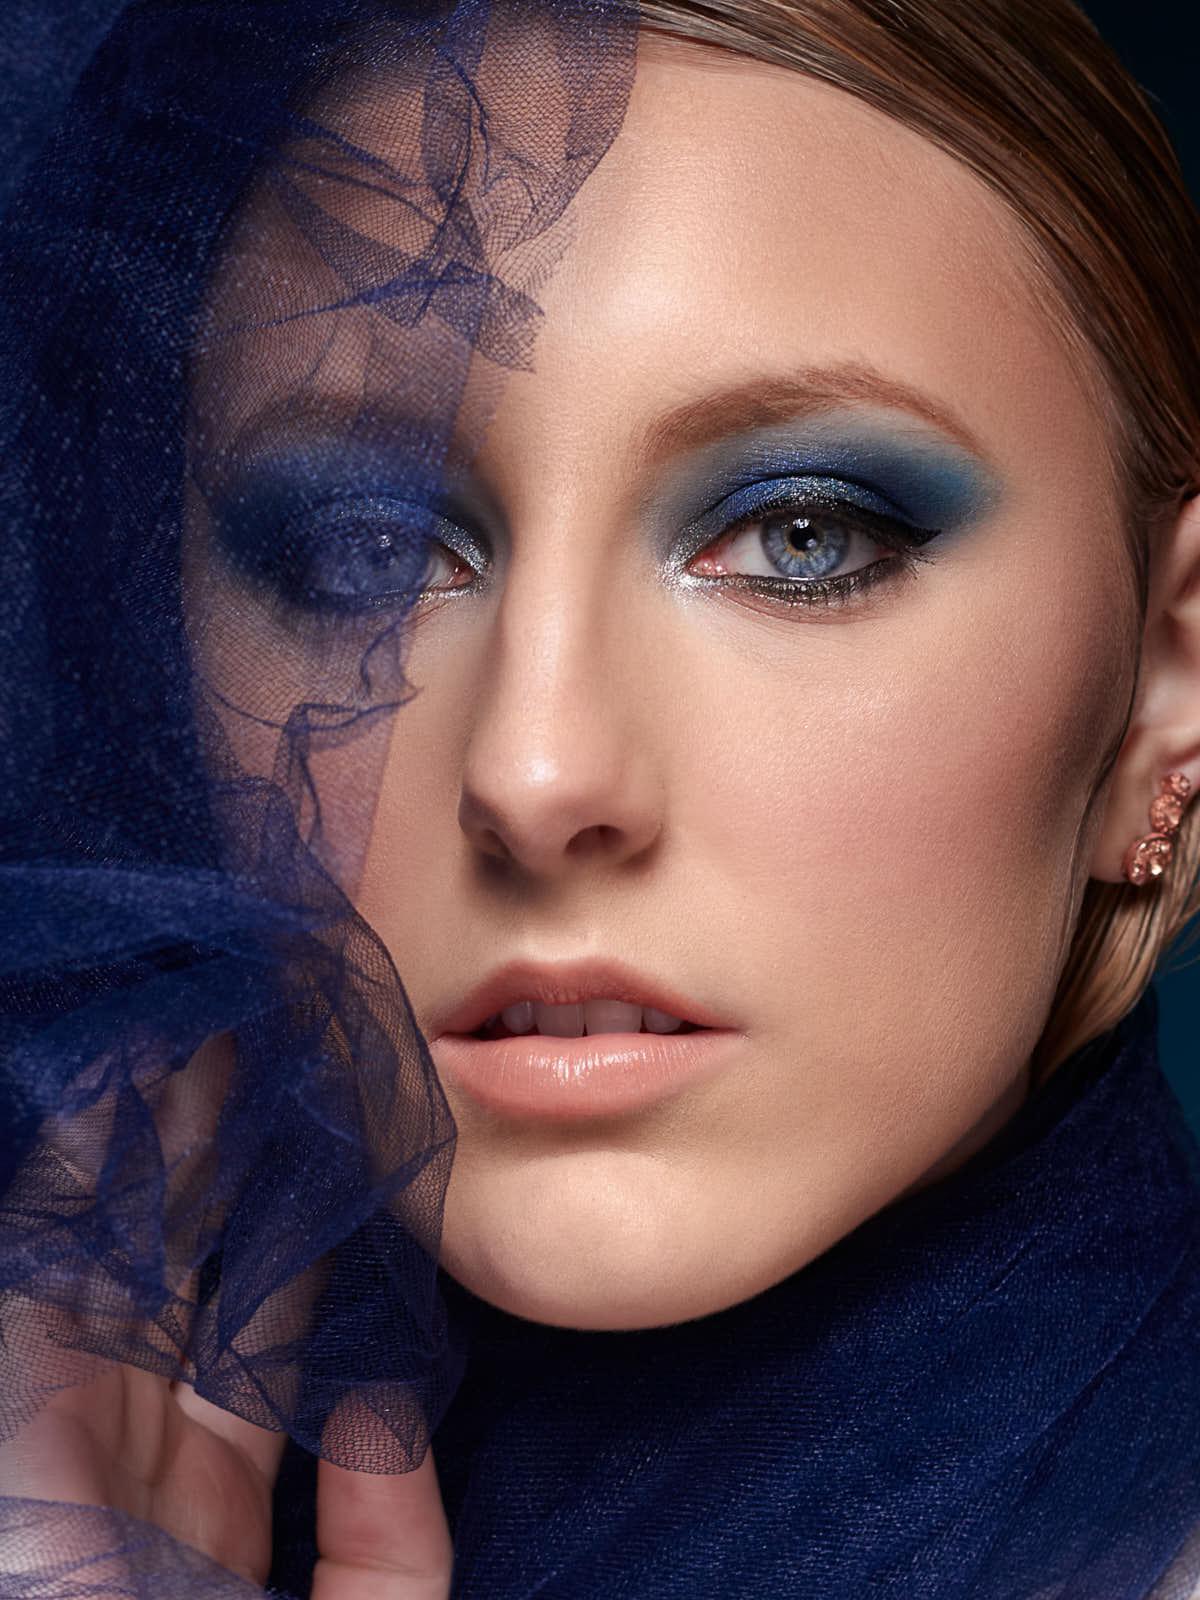 sce-agency-female-model-jordan-g-4a